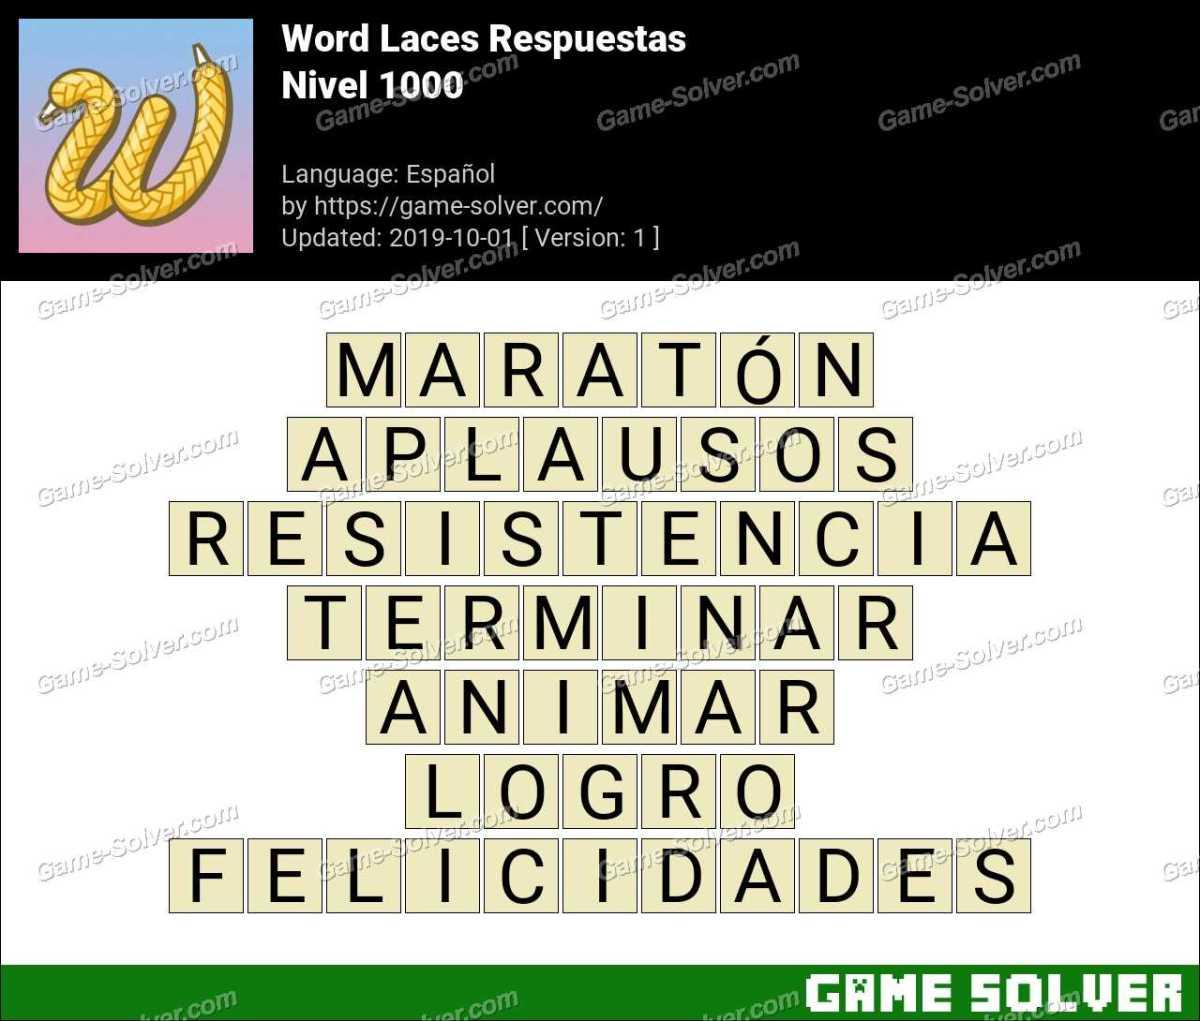 Word Laces Nivel 1000 Respuestas